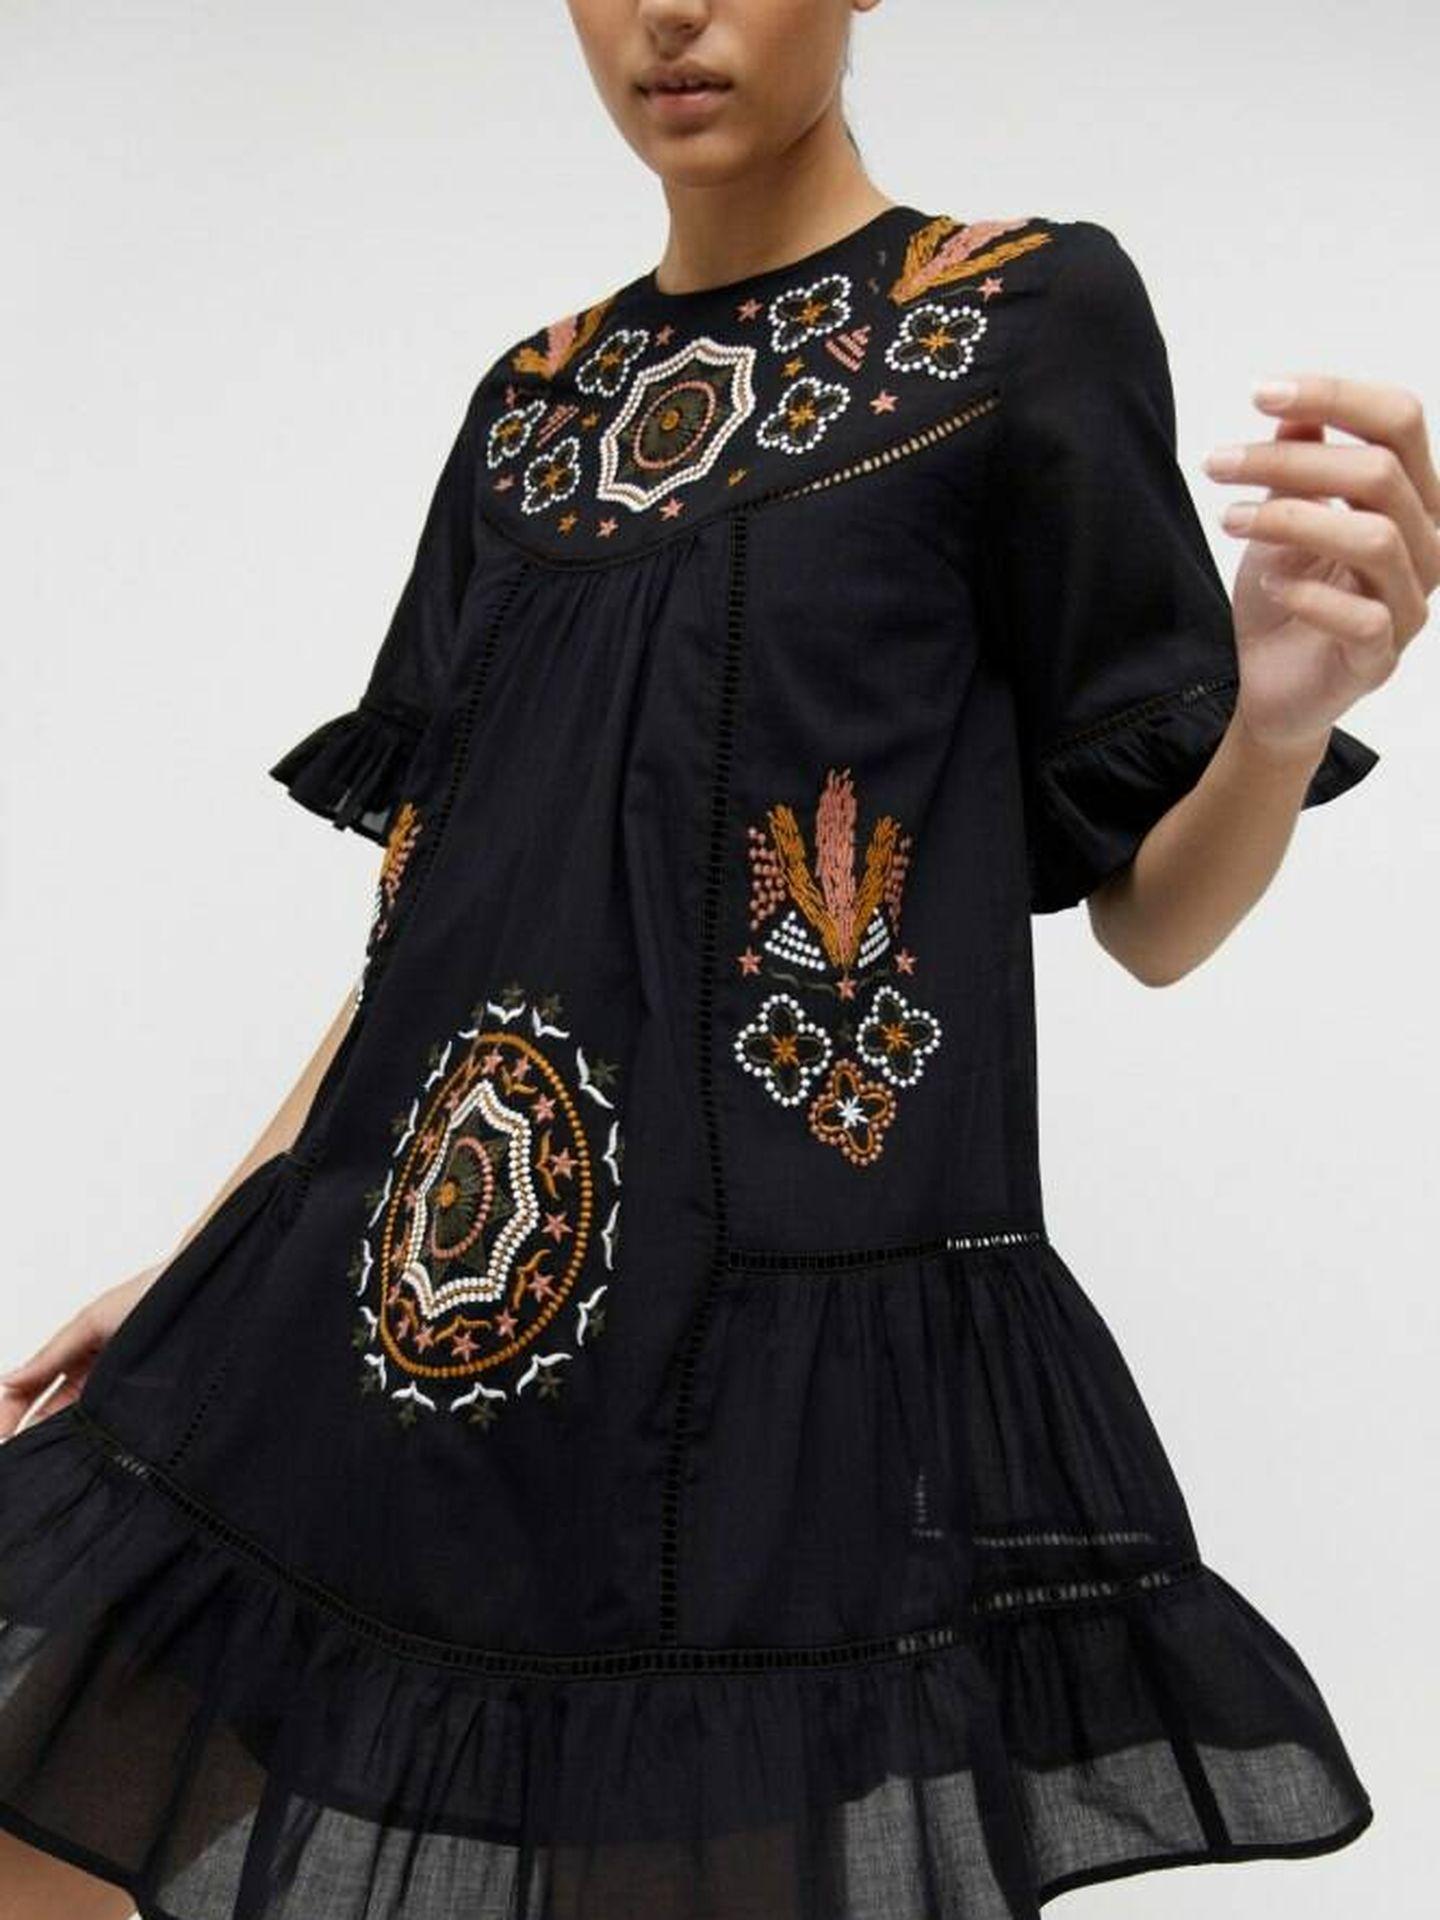 Vestido bordado de Sfera. (Cortesía)